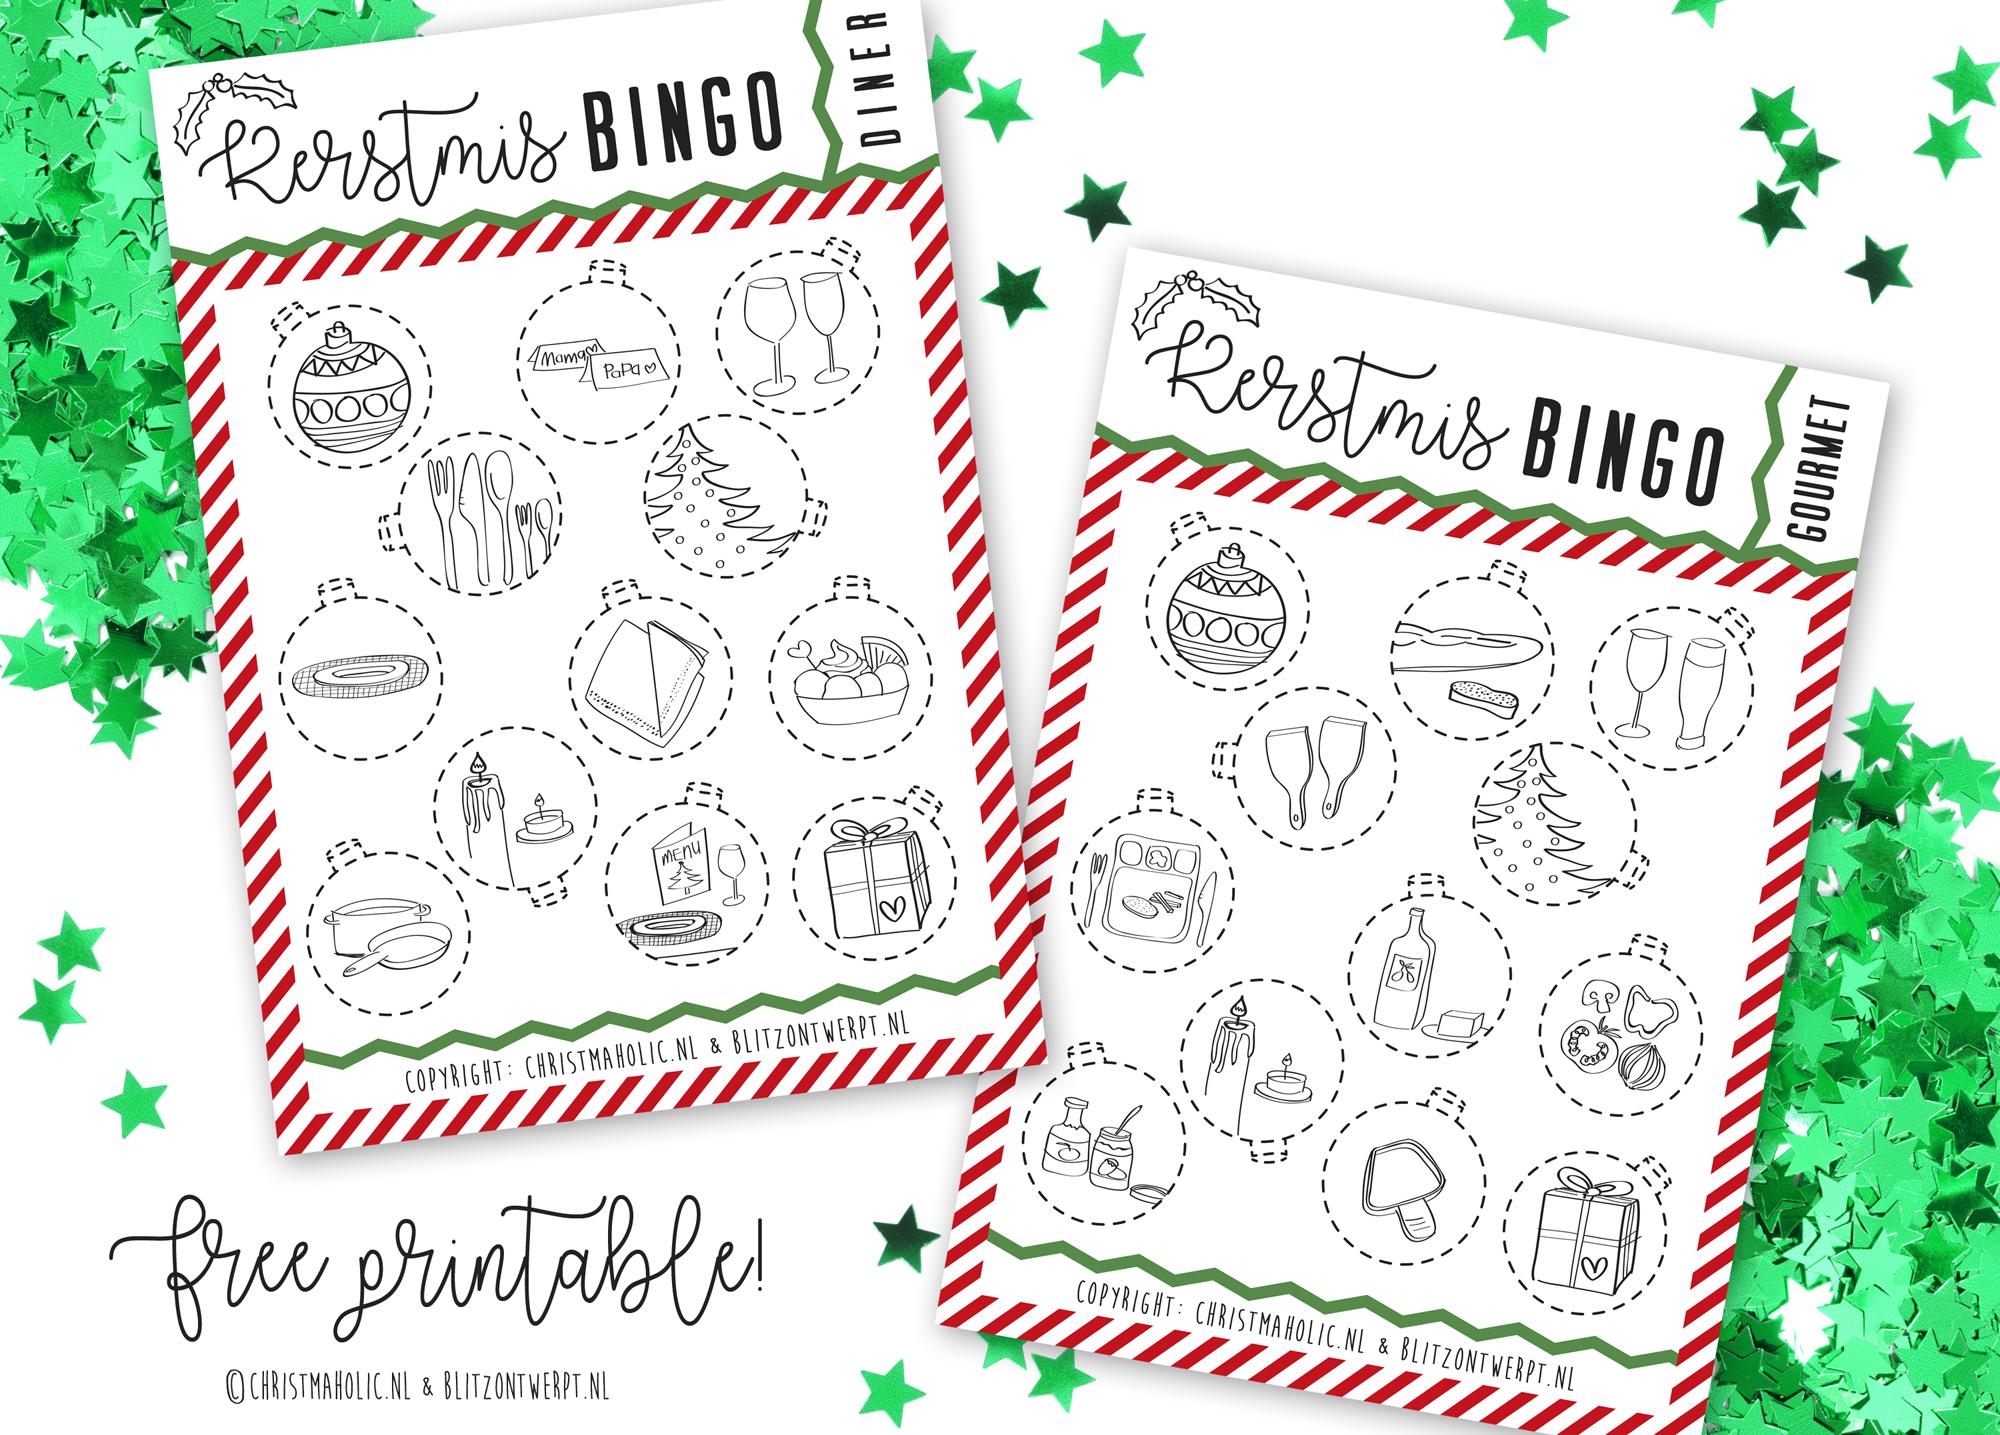 Kerst bingo voor tijdens Kerstdiner of gourmet